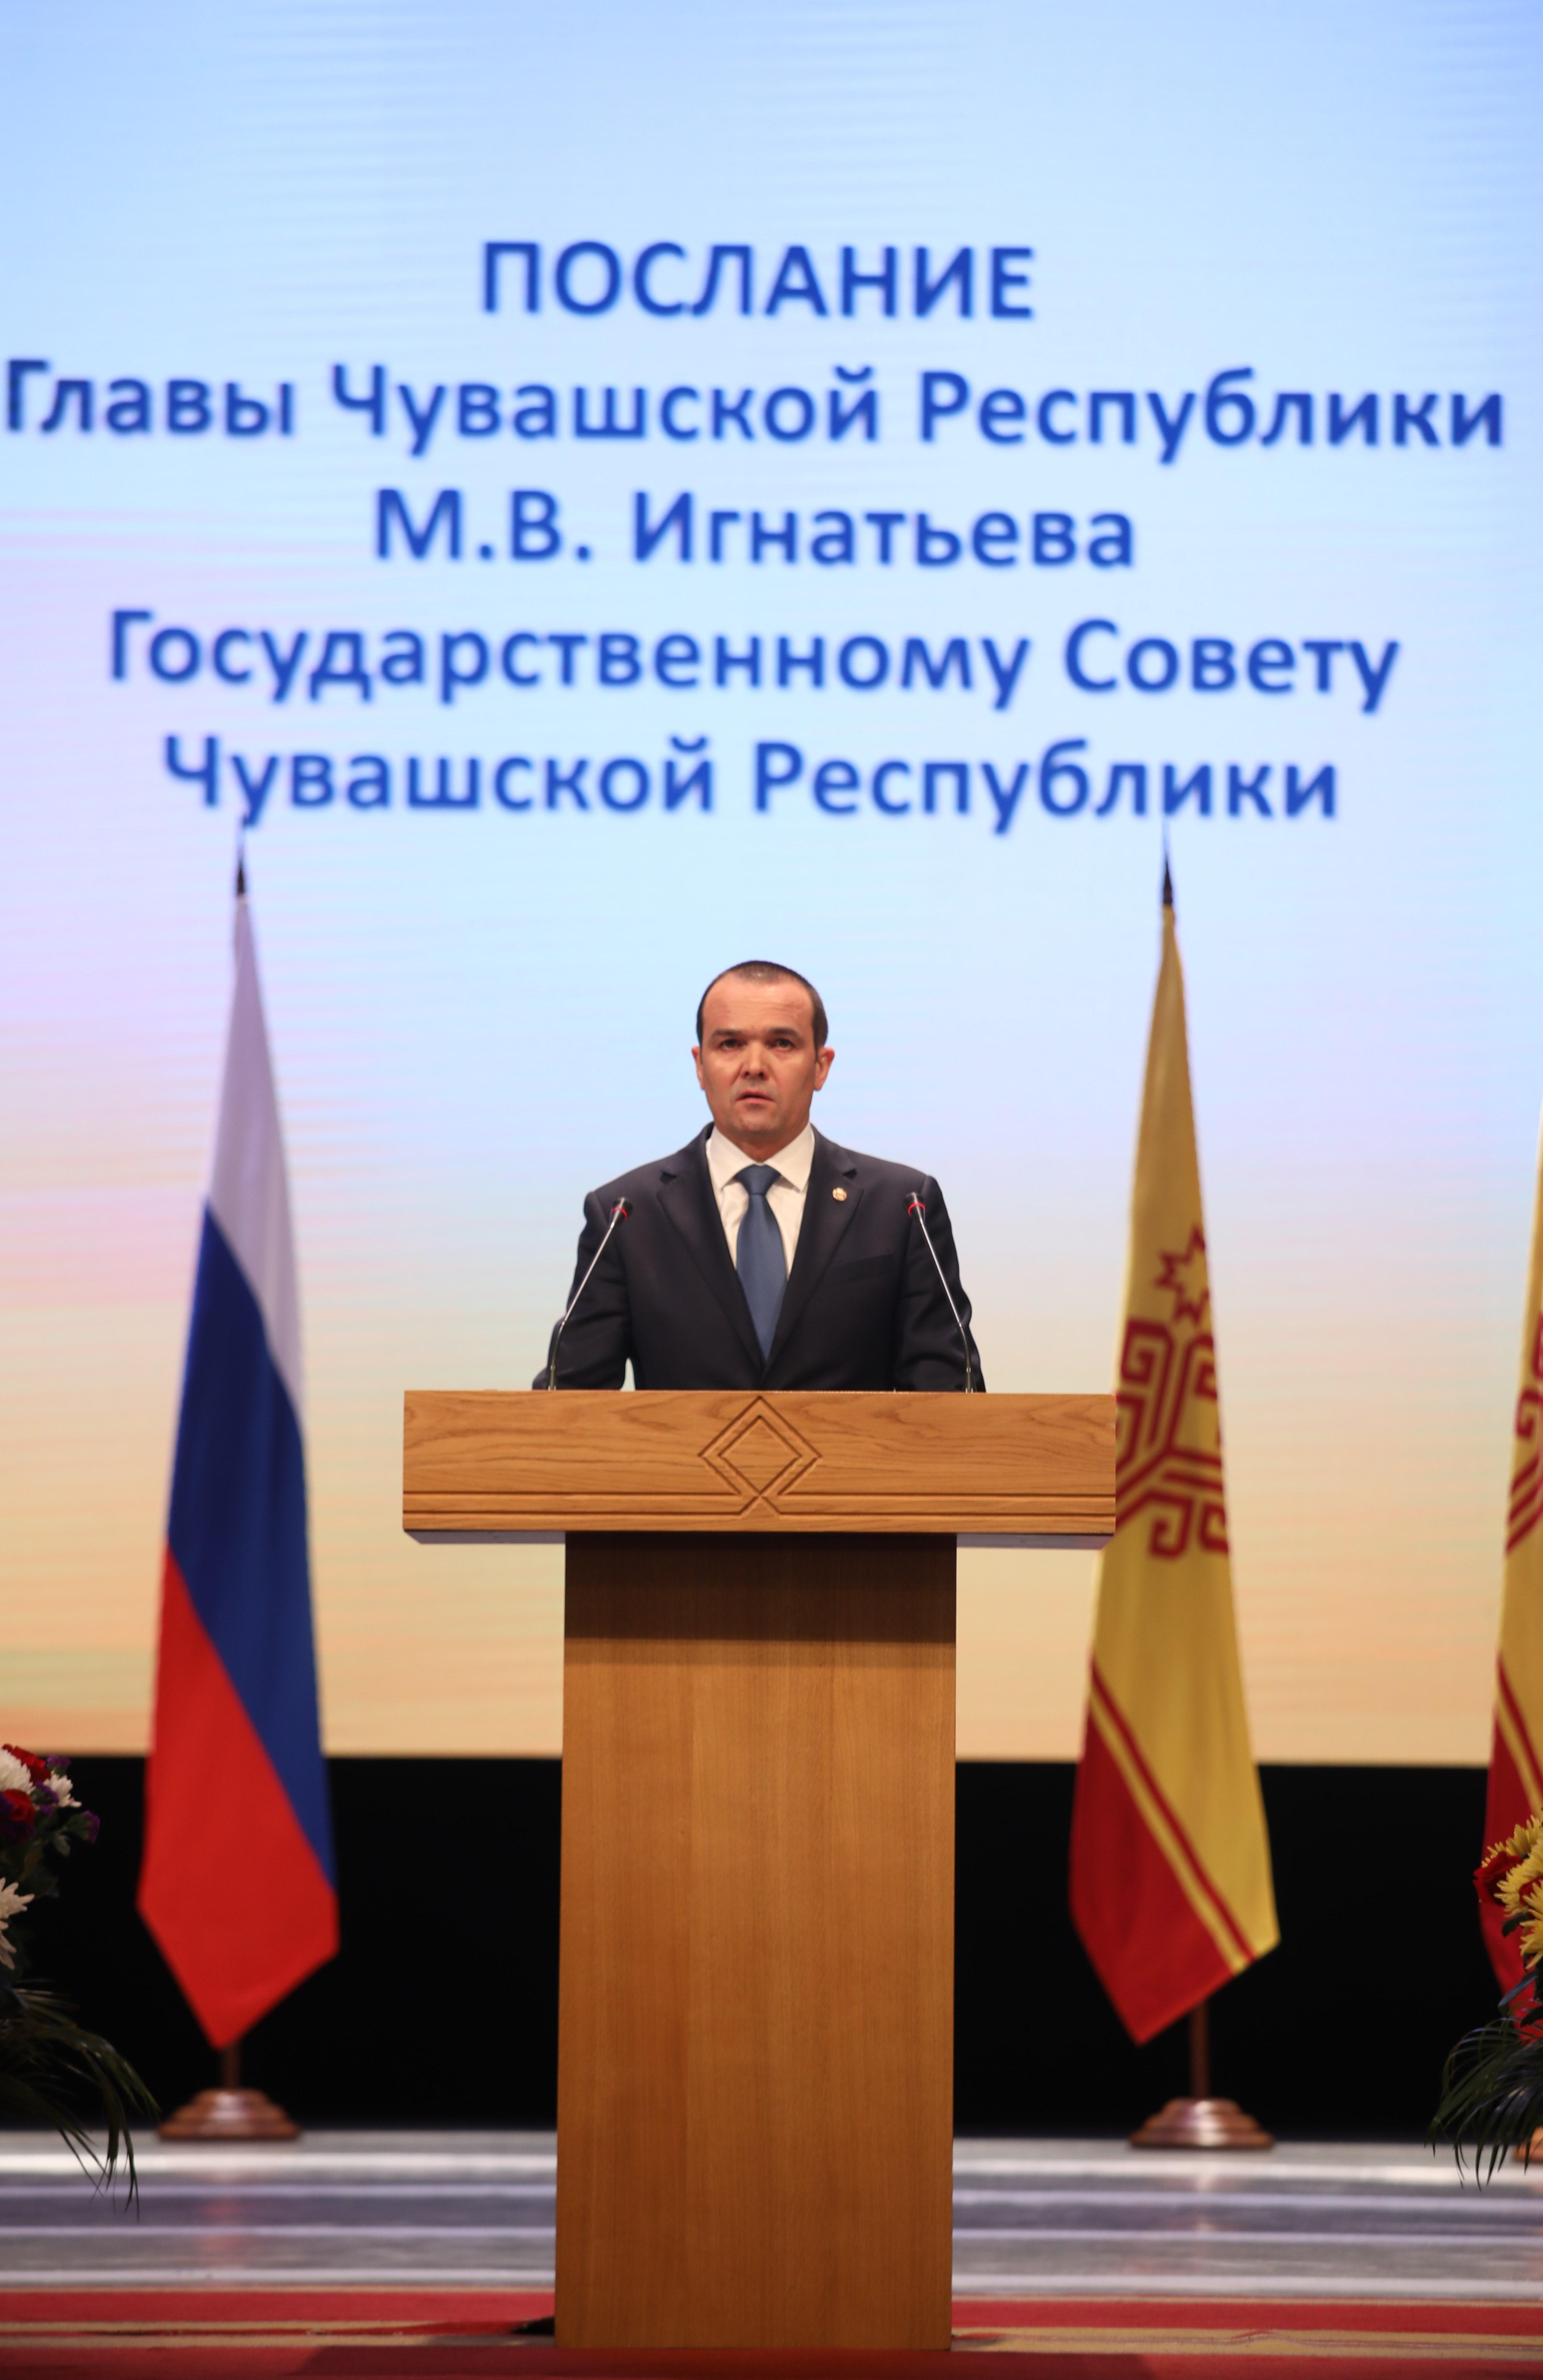 Послание Главы Чувашии Михаила Игнатьева Государственному Совету